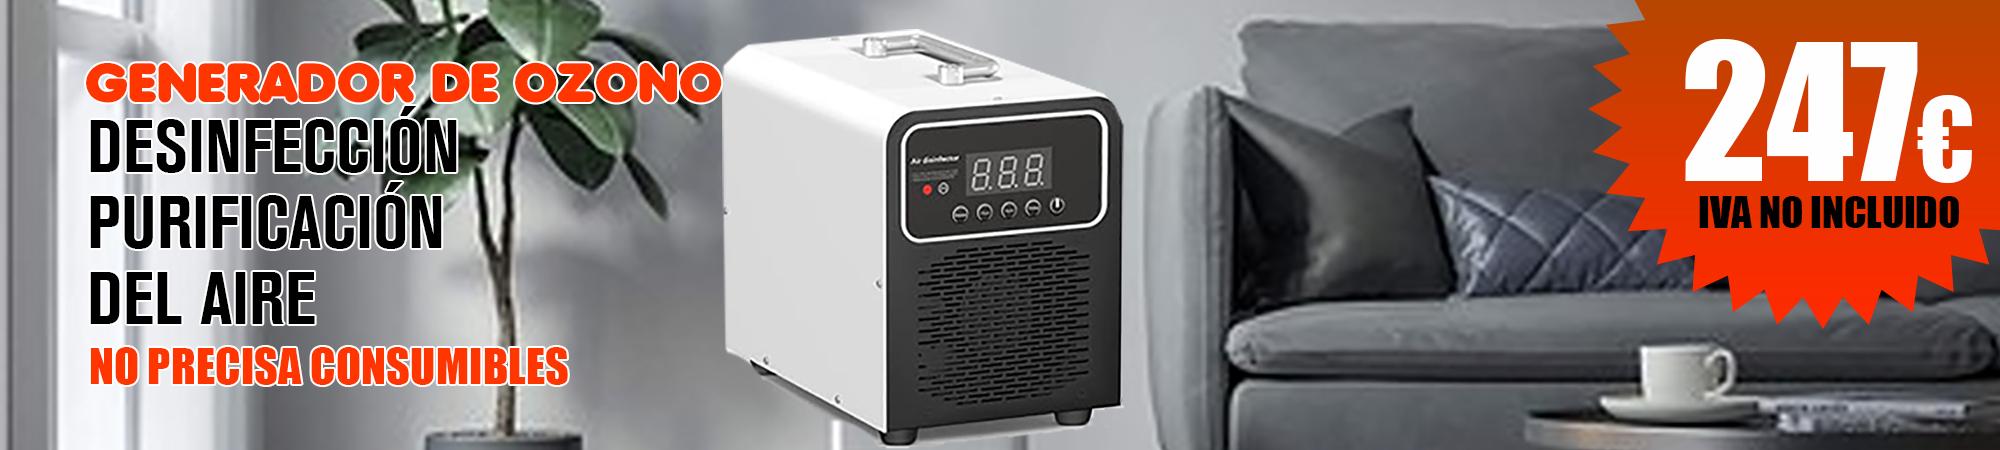 Generador de ozono de Continox